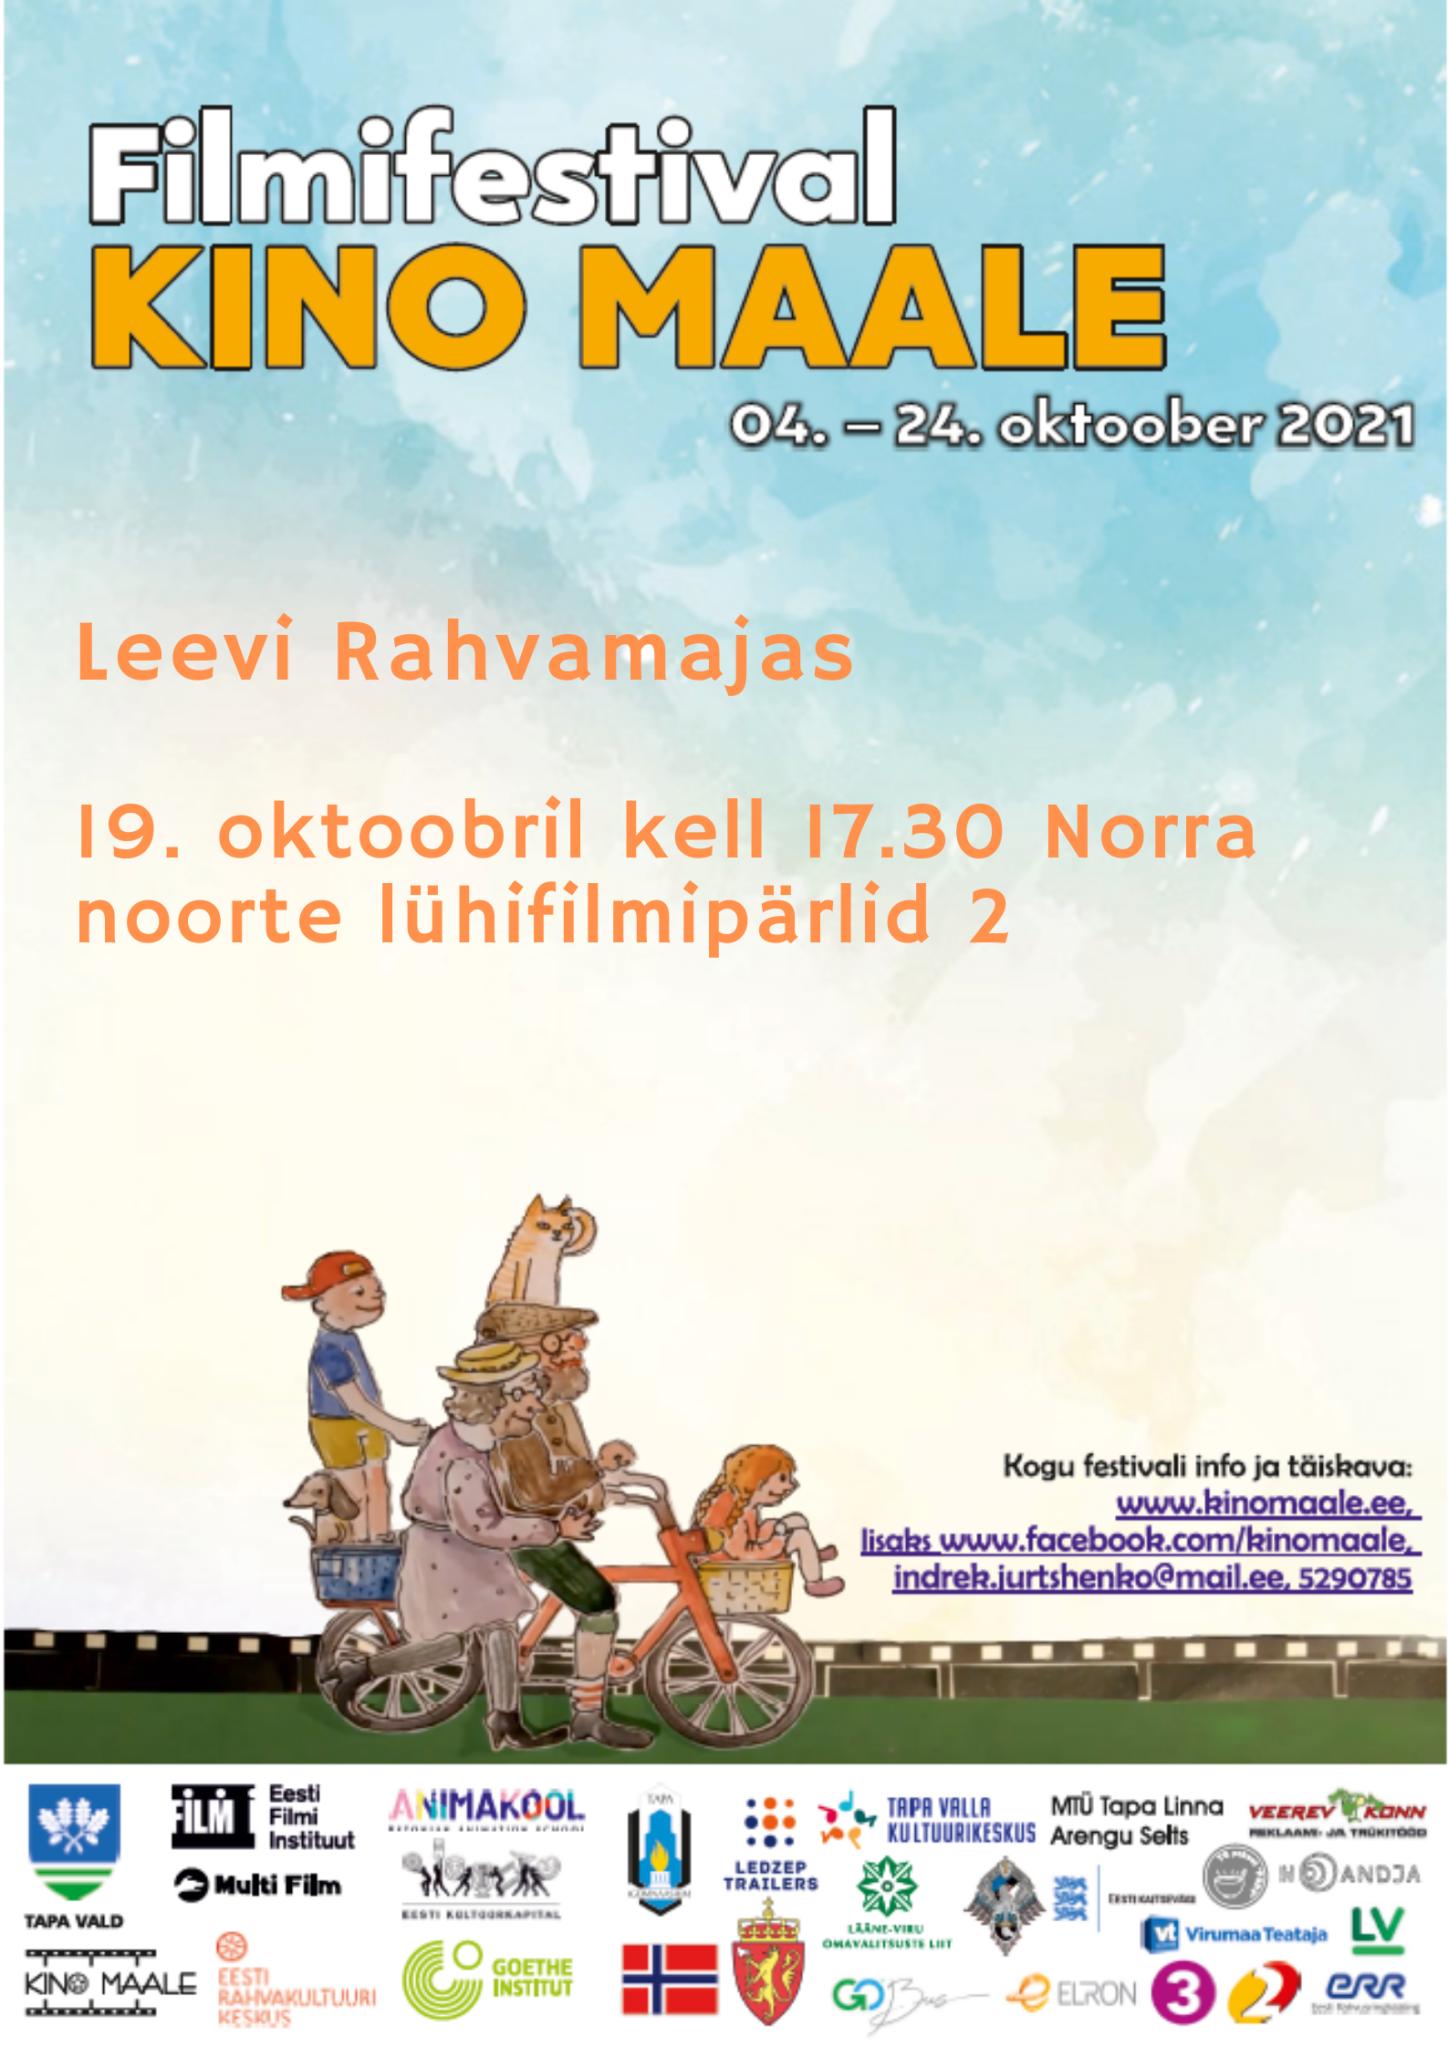 Filmifestival Kino maale: Norra noorte lühifilmipärlid 2 @ Leevi rahvamaja | Leevi | Põlva maakond | Eesti